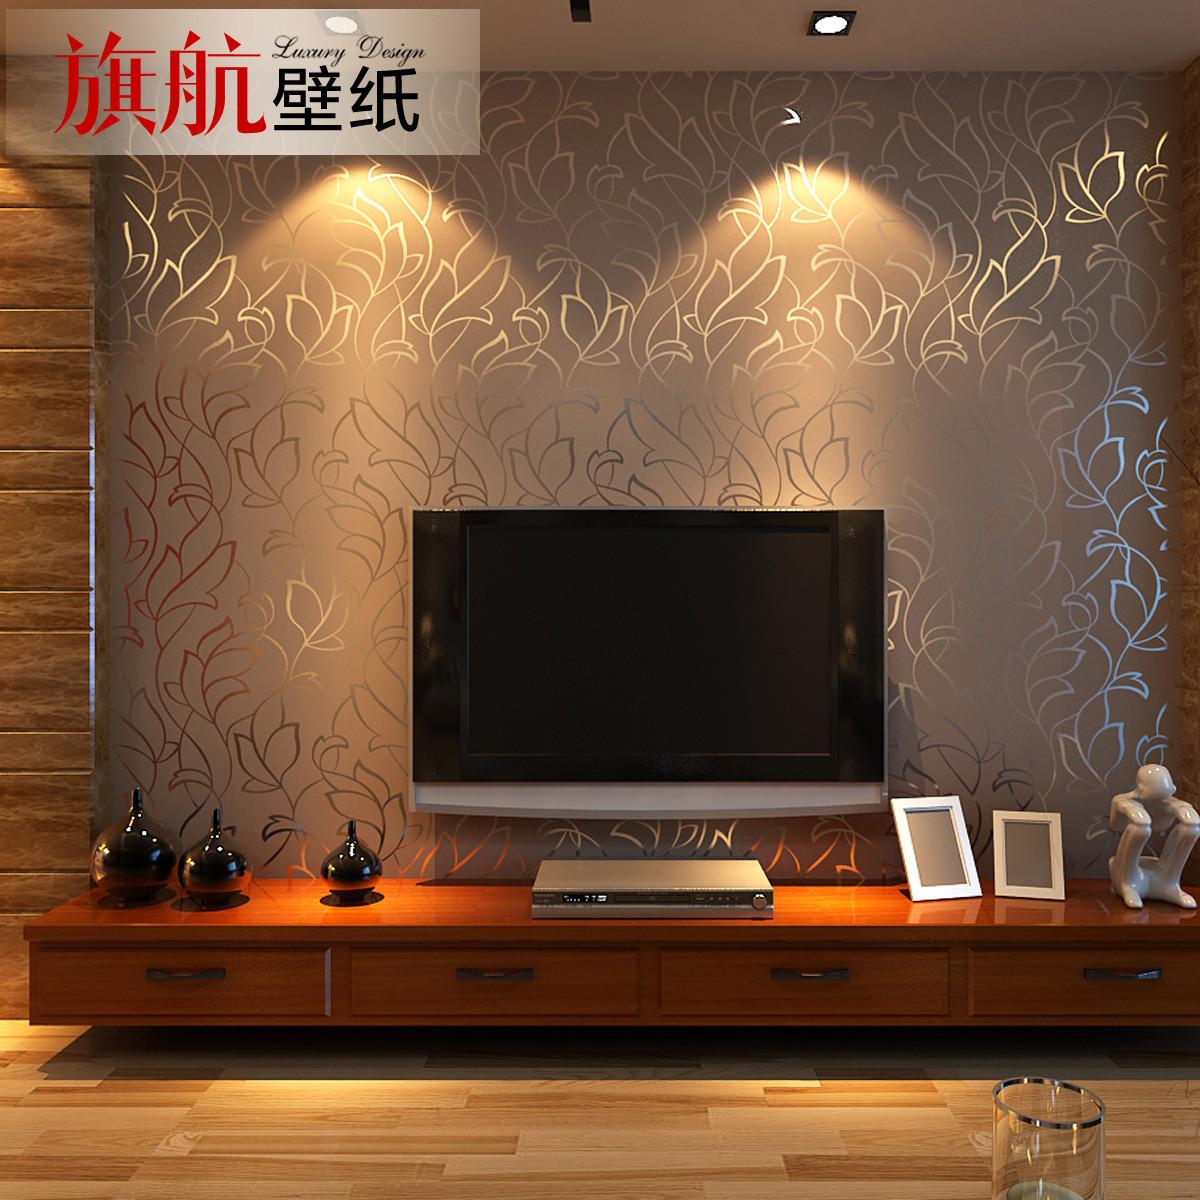 客厅装饰浮雕